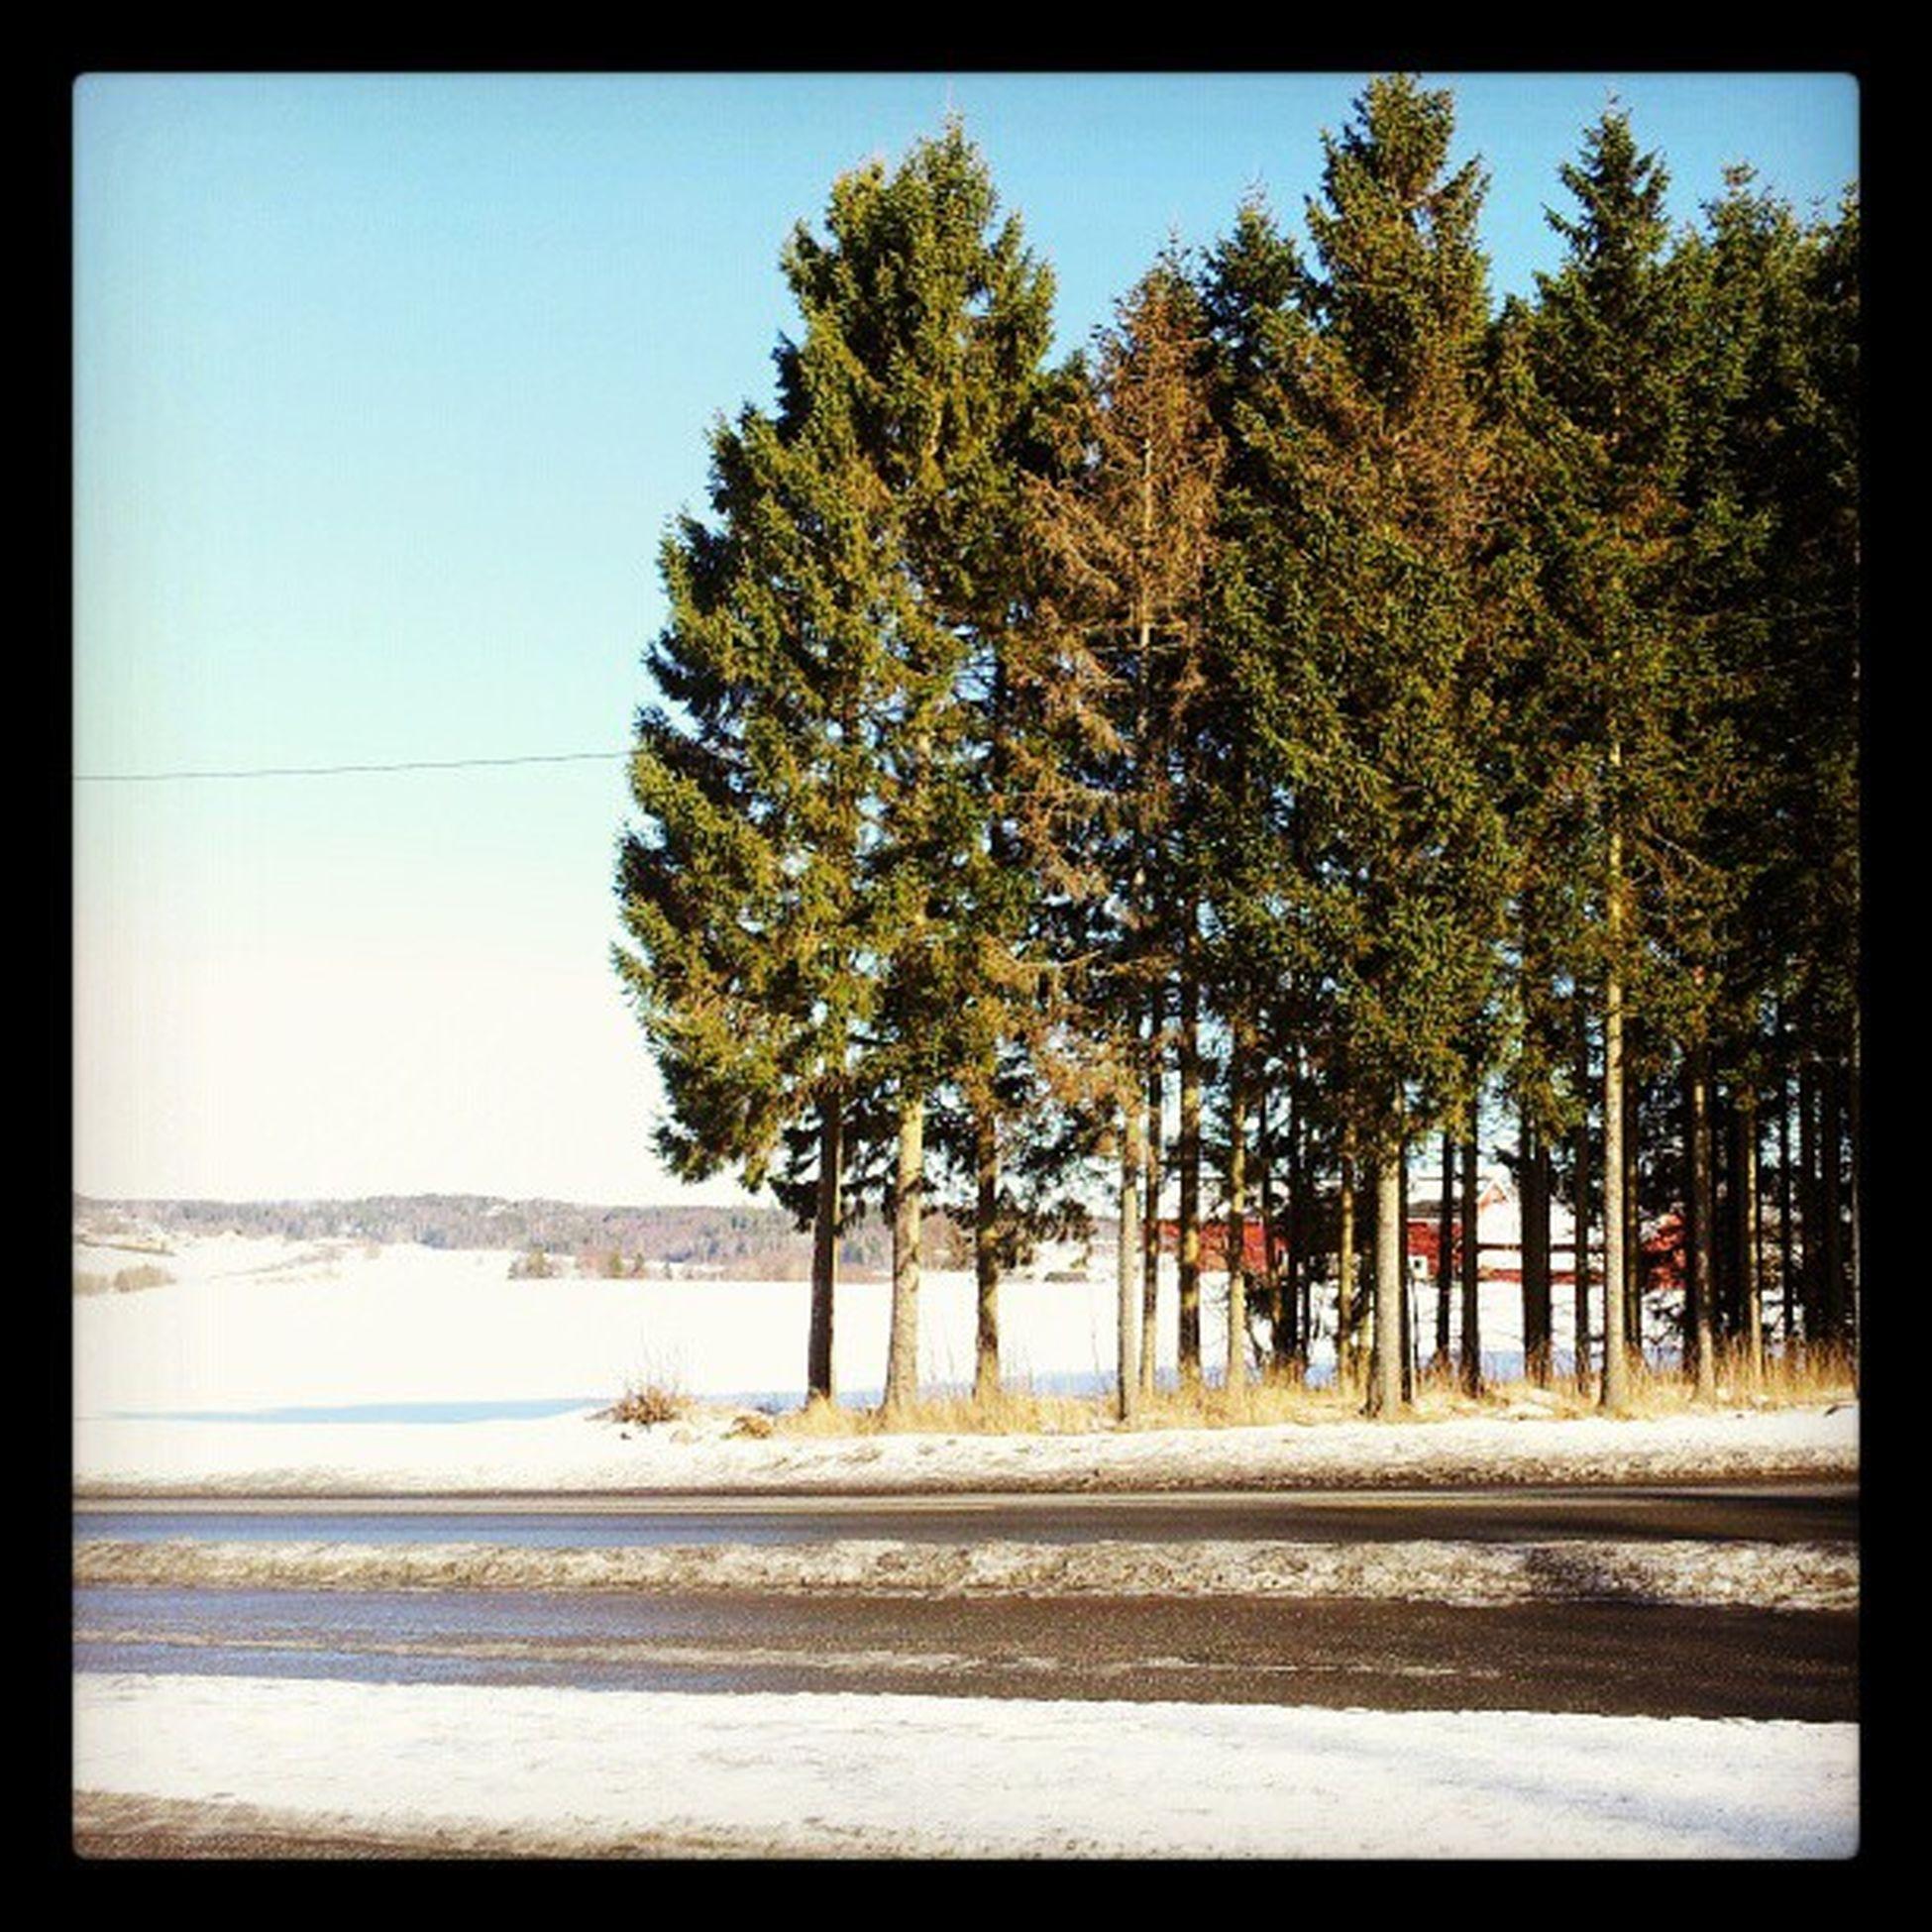 Holstad Vinter Sn ø BL åhimmel grantrær solskinn winter bluesky snow sunshine trees